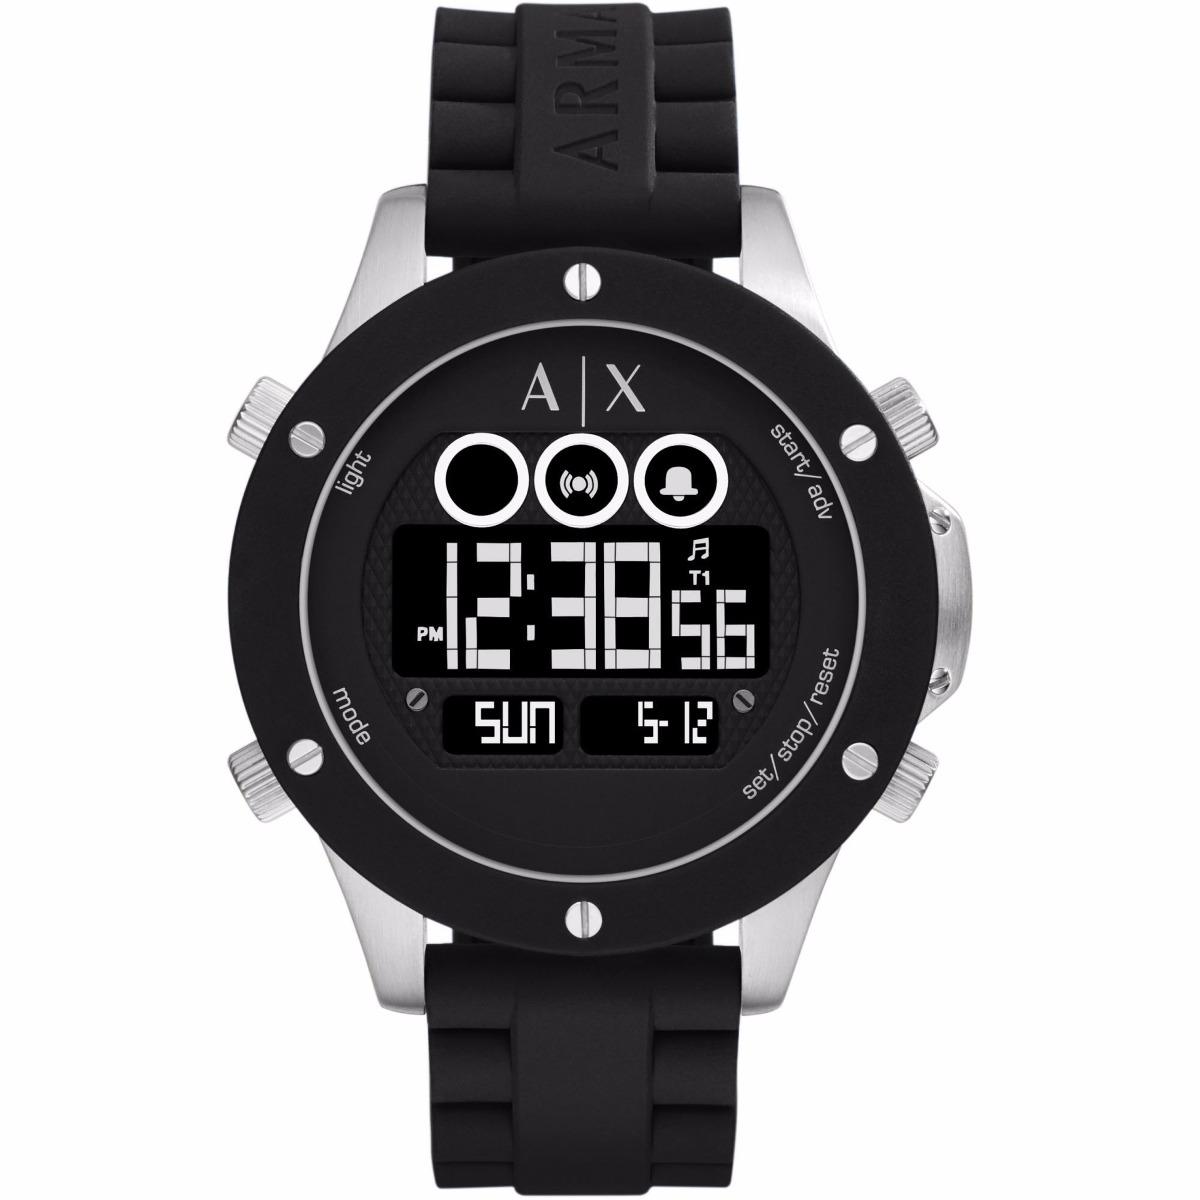 cdff48e60a20 reloj armani hombre tienda oficial ax1560. Cargando zoom.